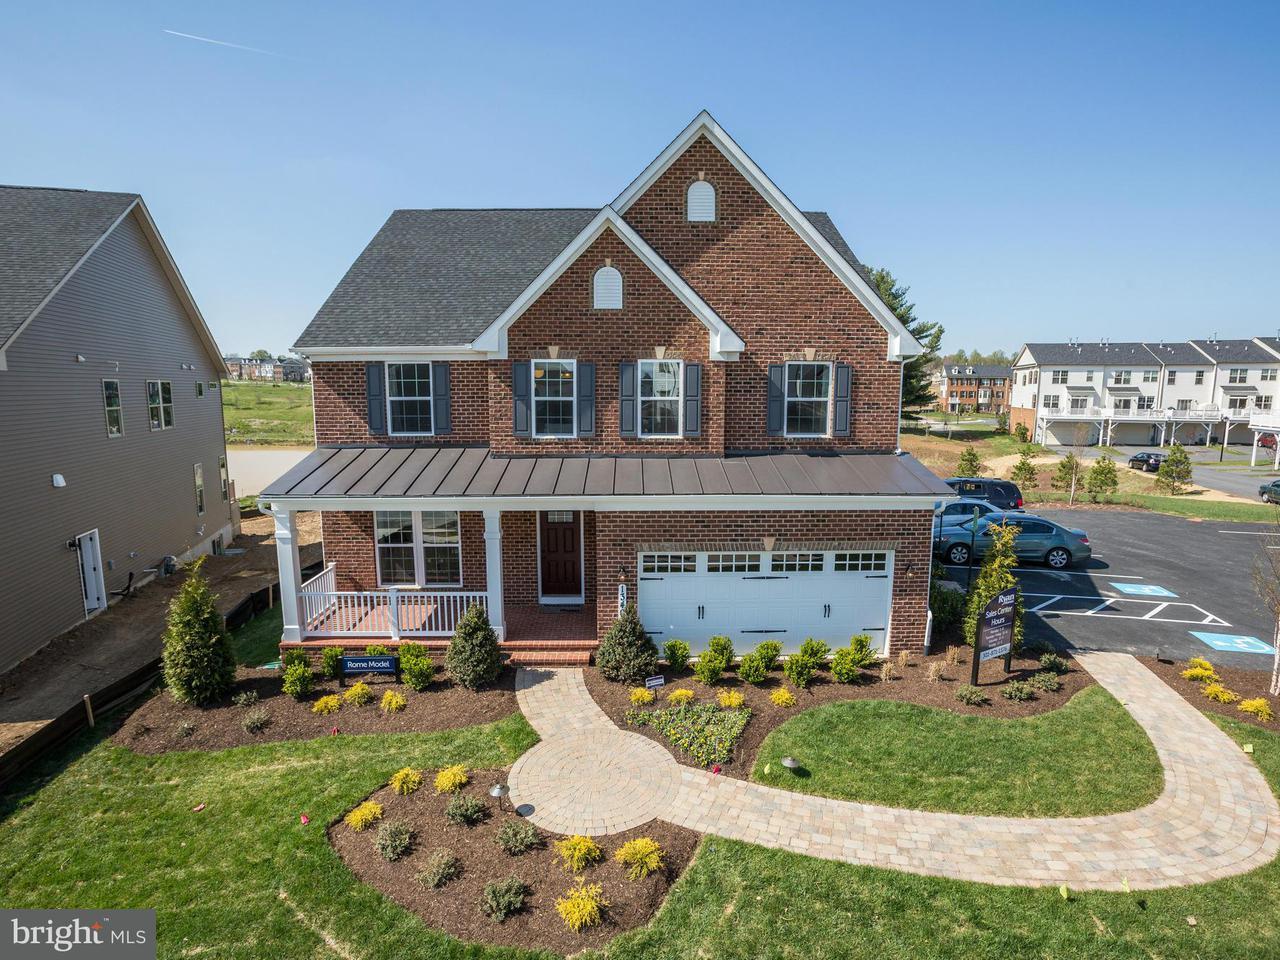 단독 가정 주택 용 매매 에 4448 CAMLEY WAY 4448 CAMLEY WAY Burtonsville, 메릴랜드 20866 미국